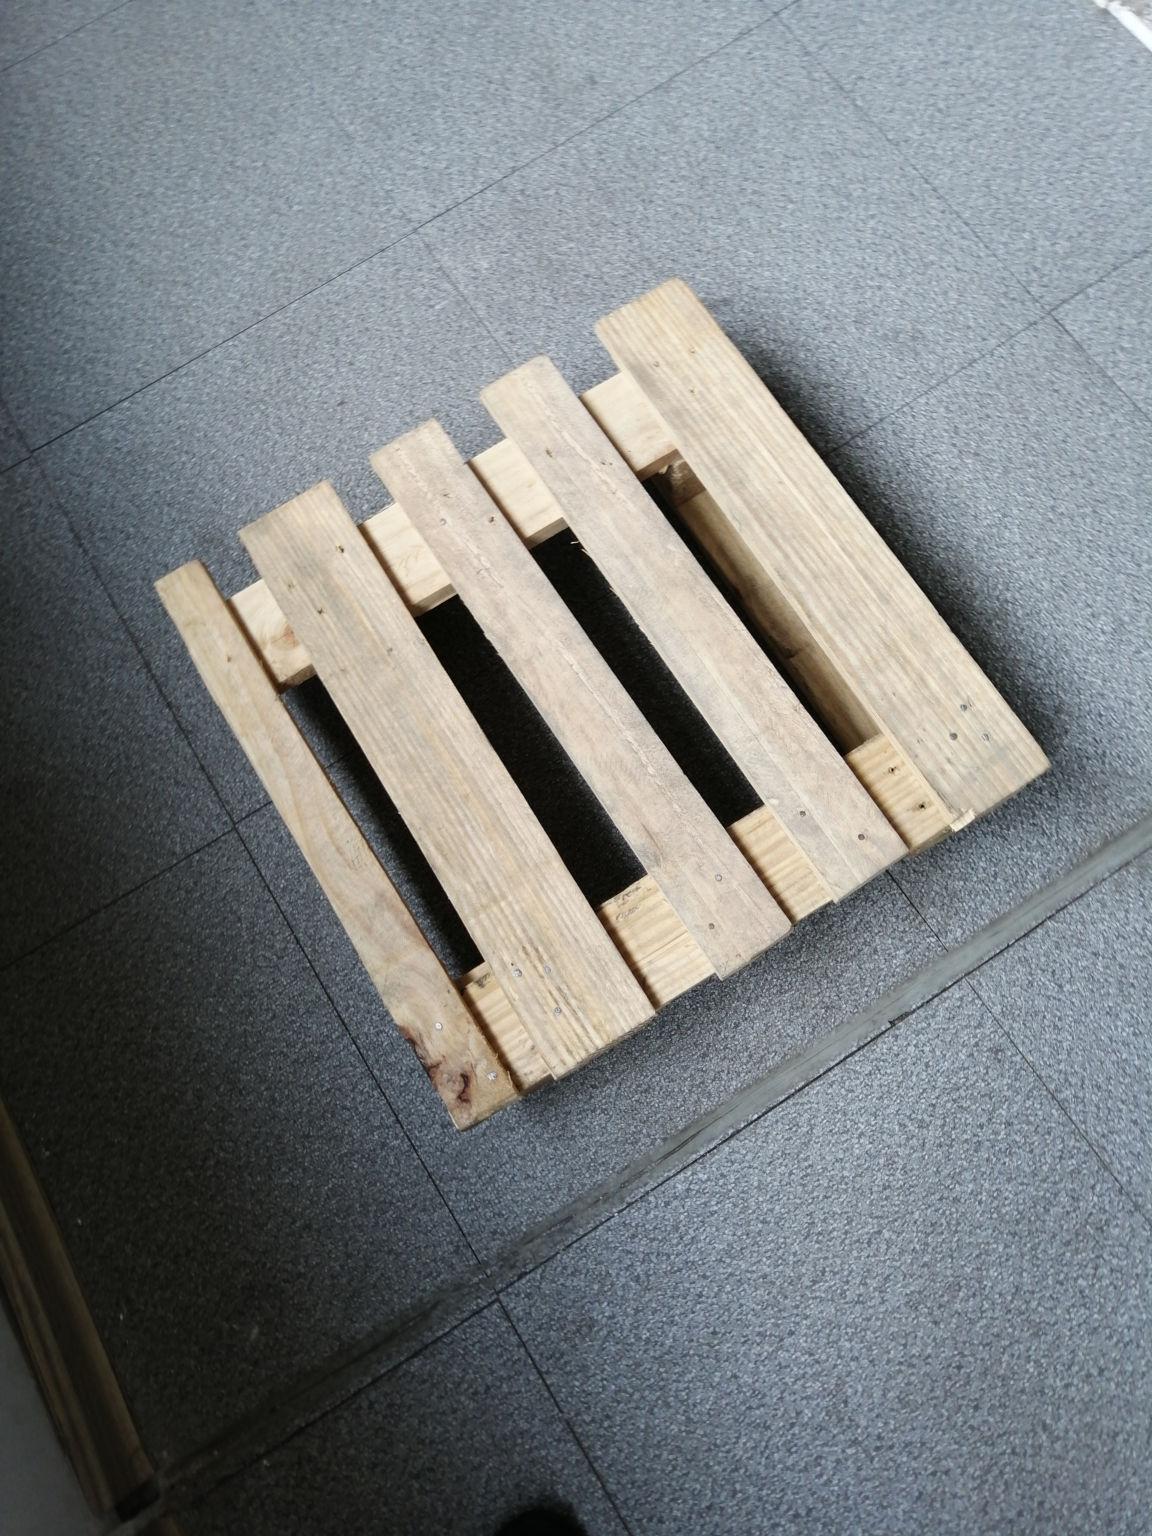 福建木托盘多少钱一个10公斤两百个特别便宜